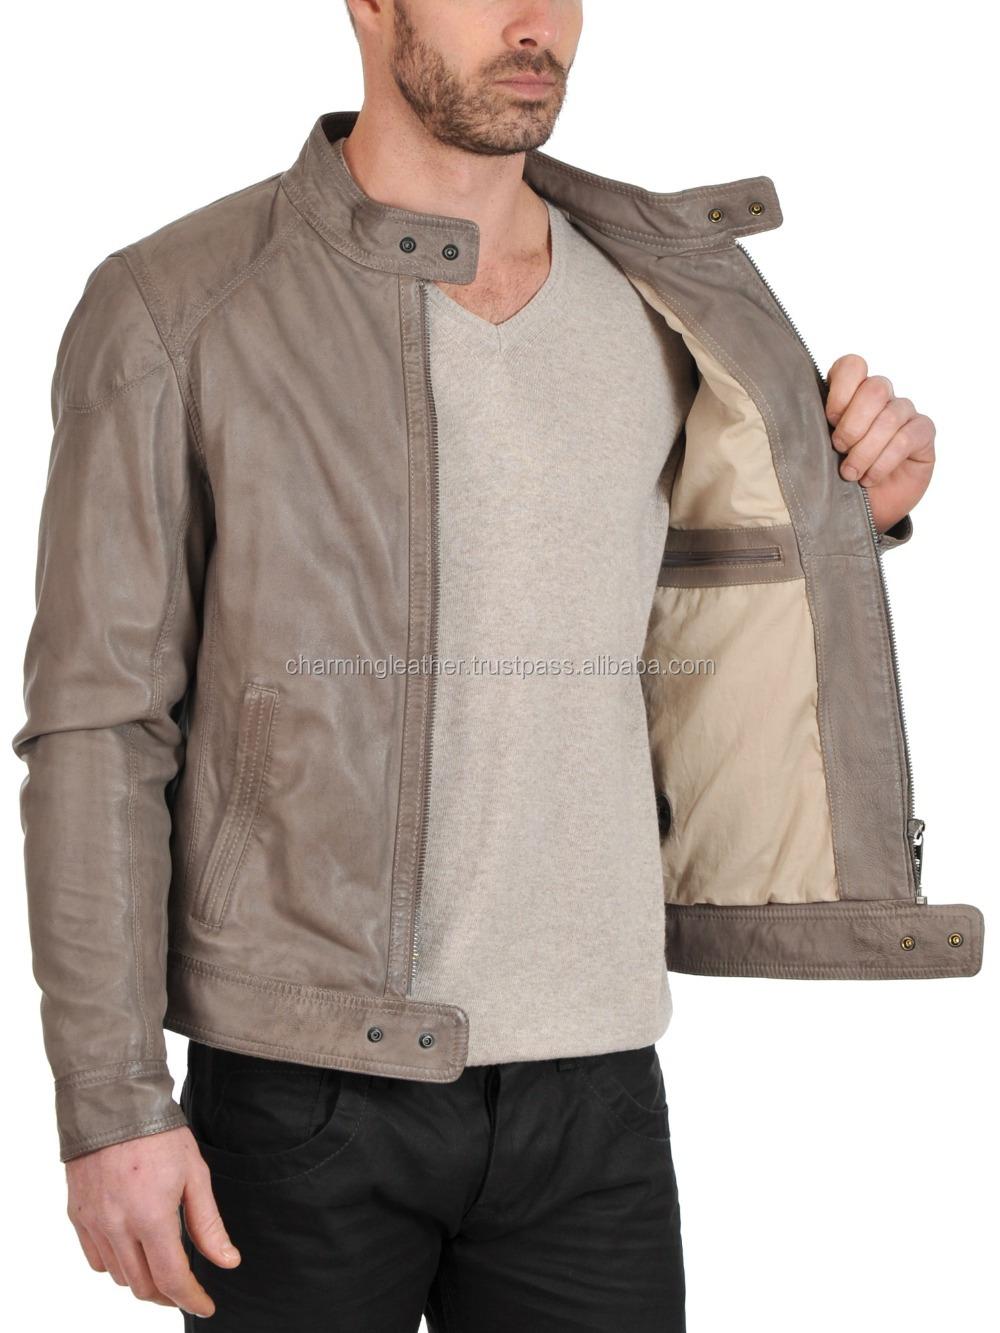 a44839f55f10c Elegante corta chaqueta de cuero para hombre 2015 nuevo estilo chaqueta de  cuero de